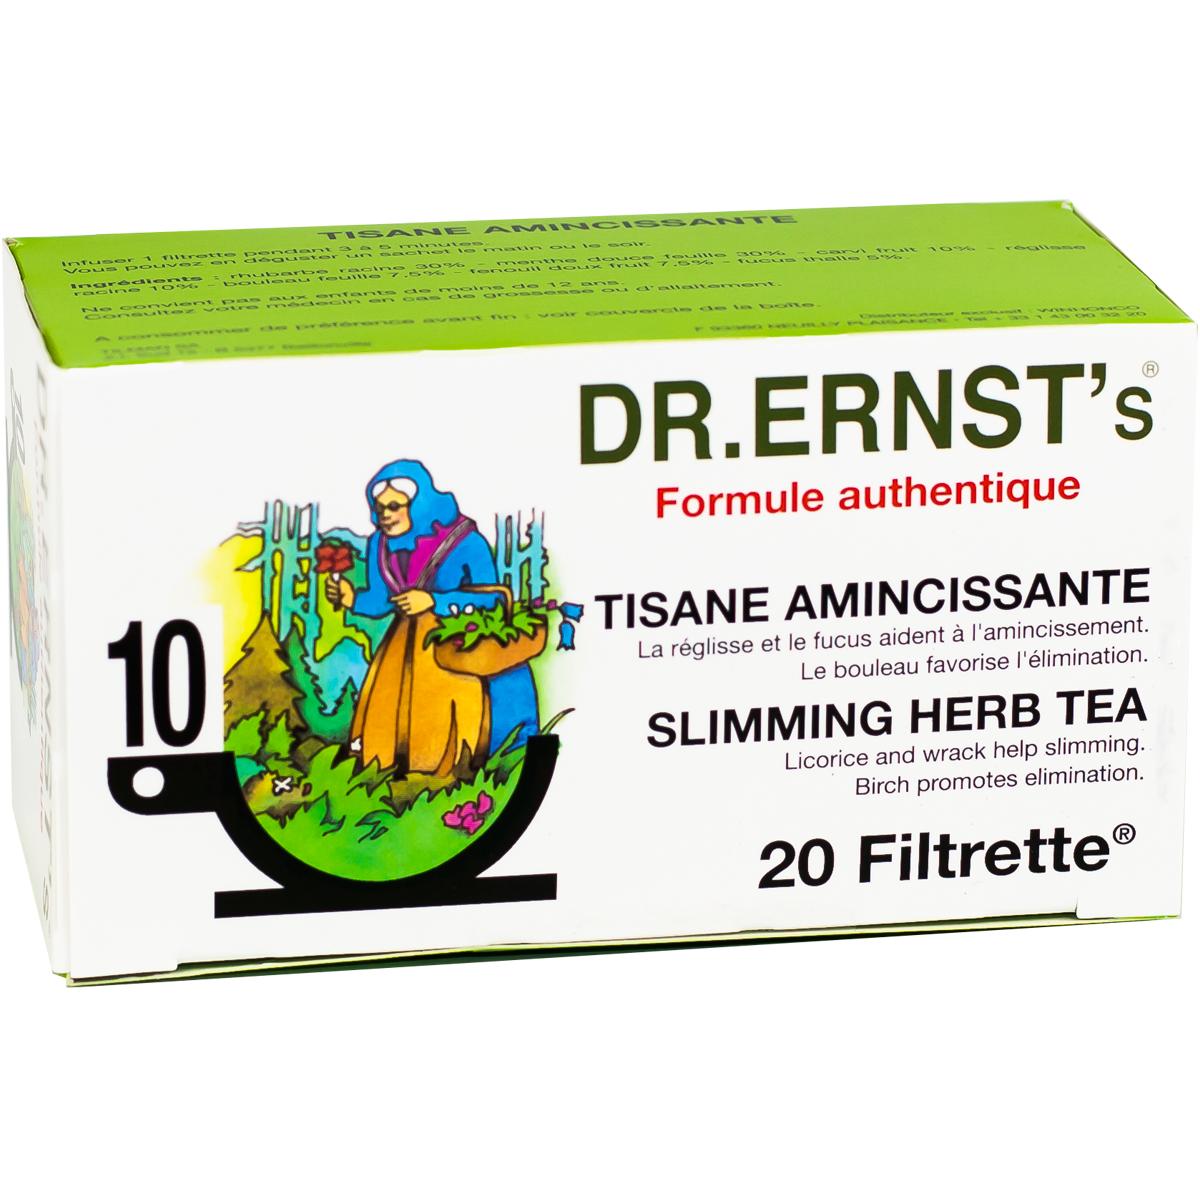 Les produits winhonco dr ernst 39 s n 10 formule for Tisane amincissante